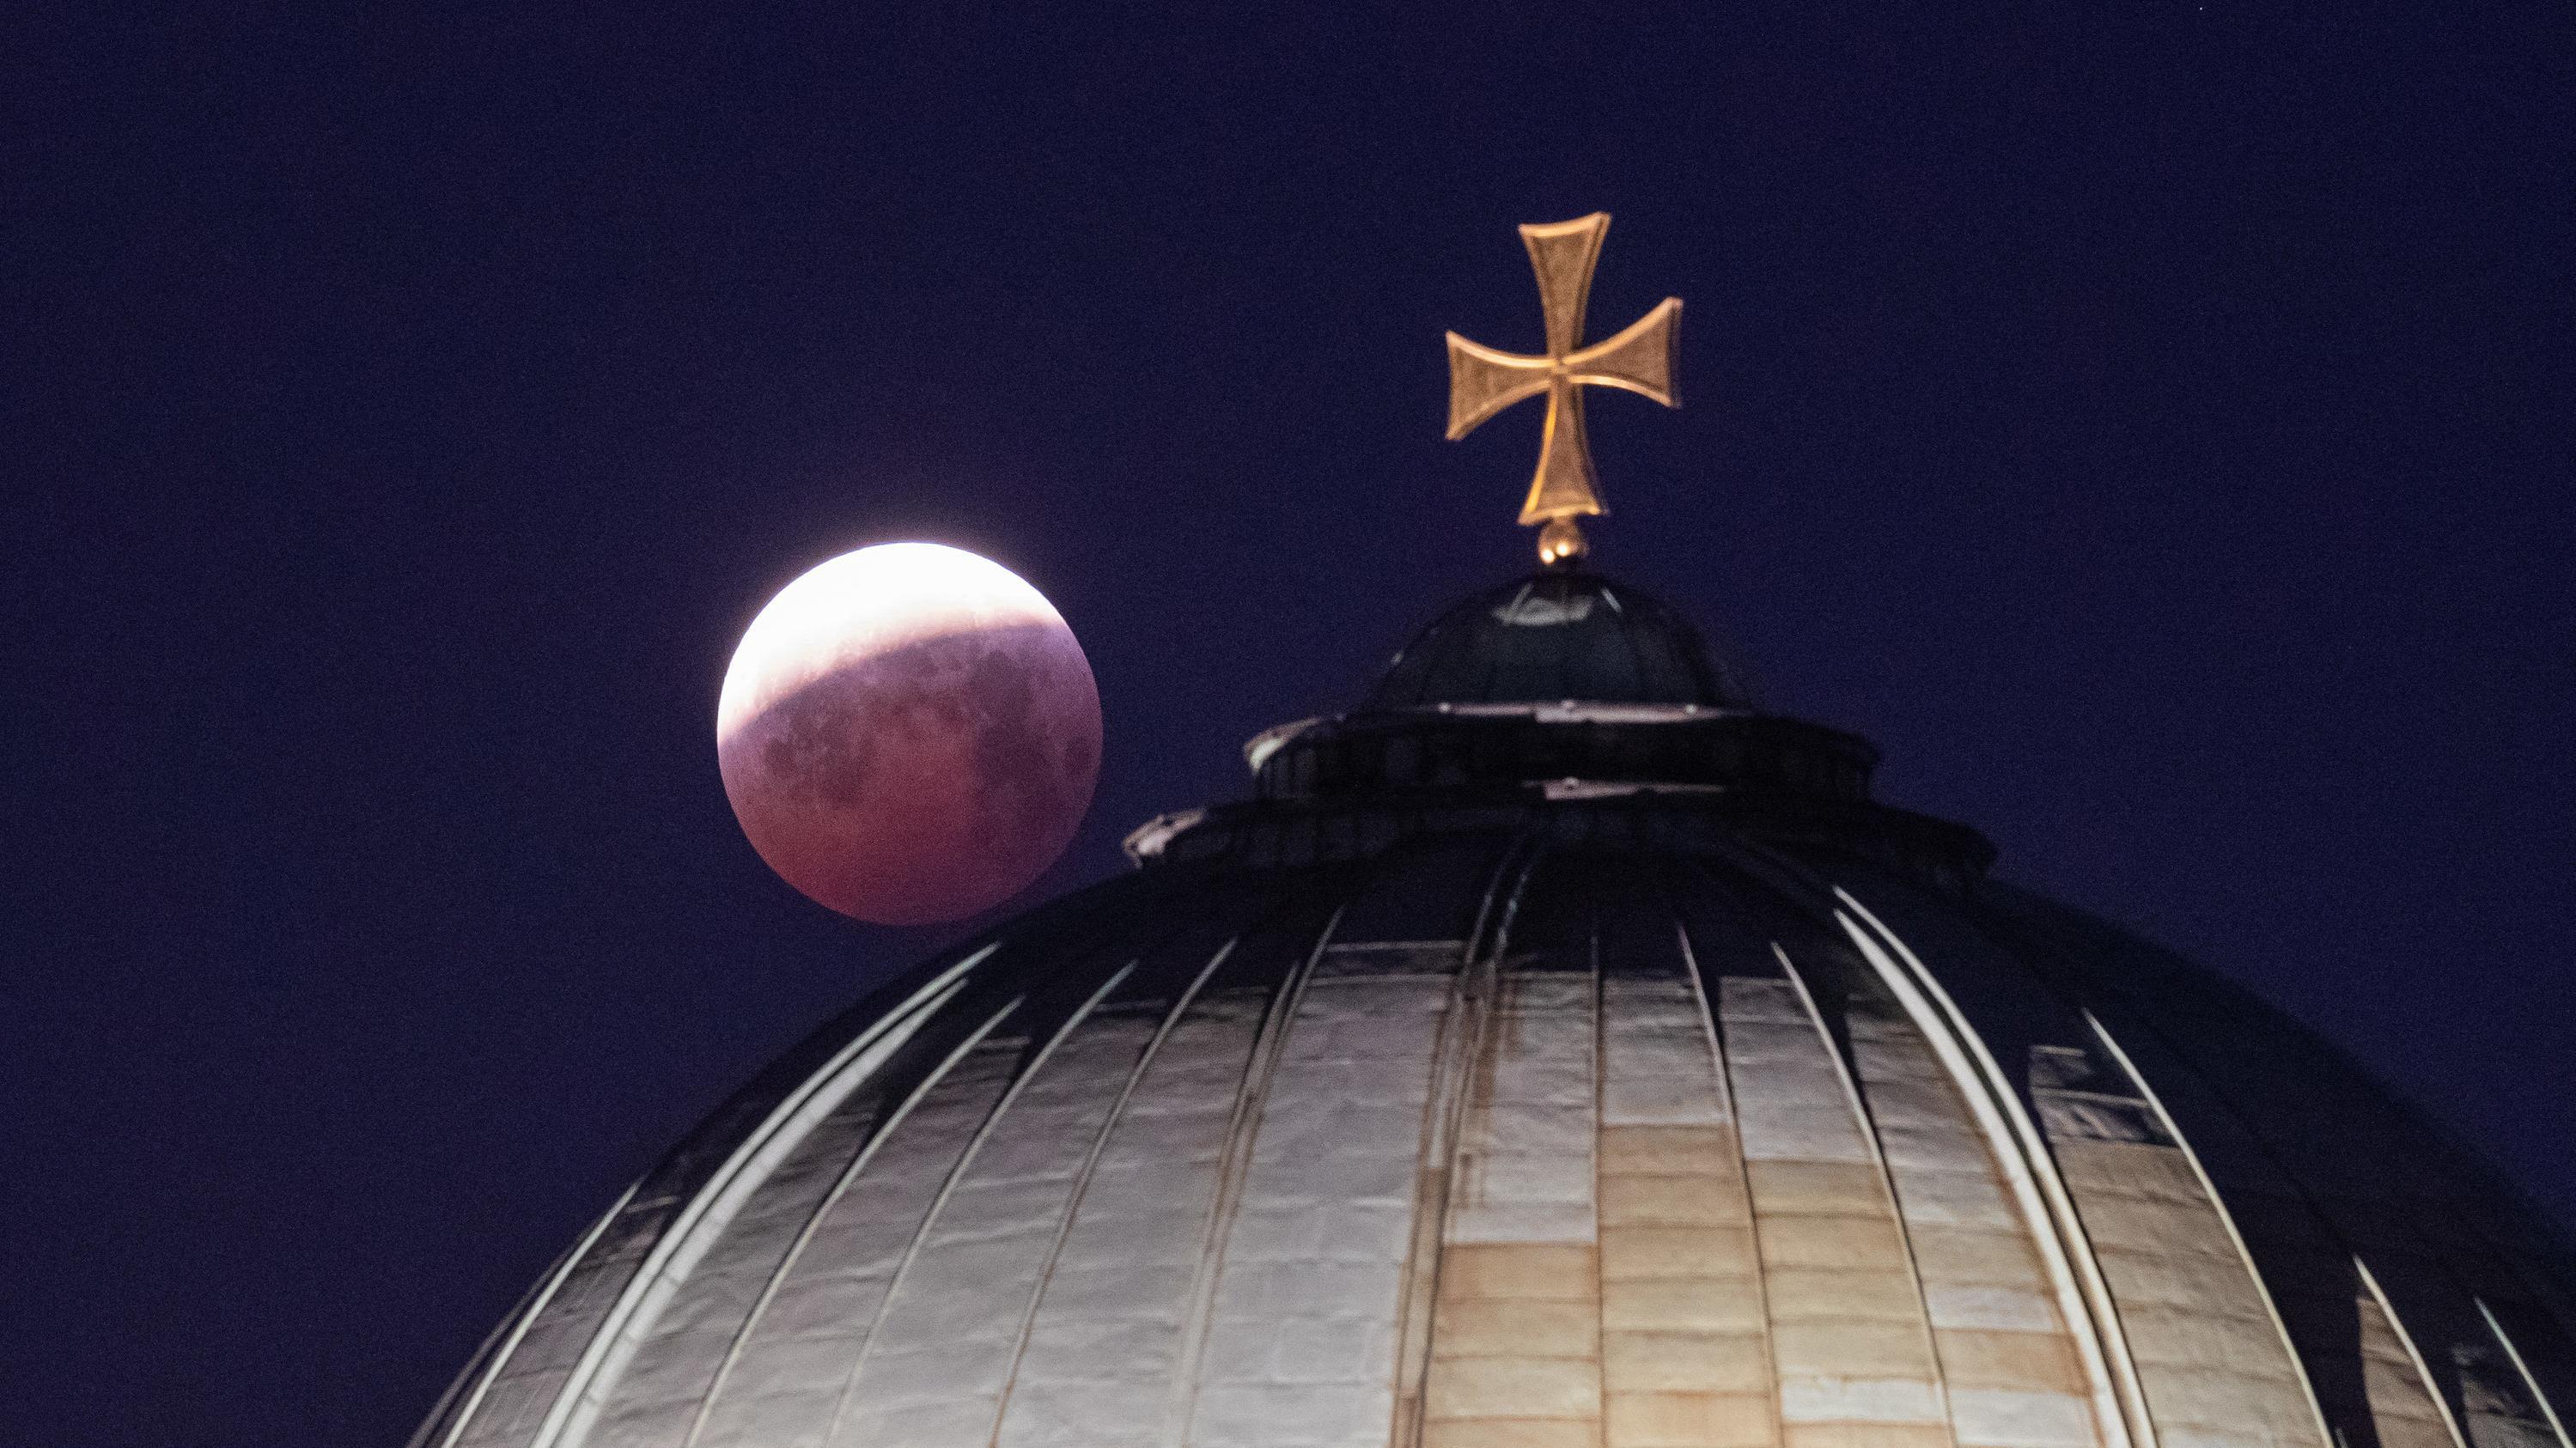 Mond über der Kuppel der Kirche St. Elisabeth in Nürnberg